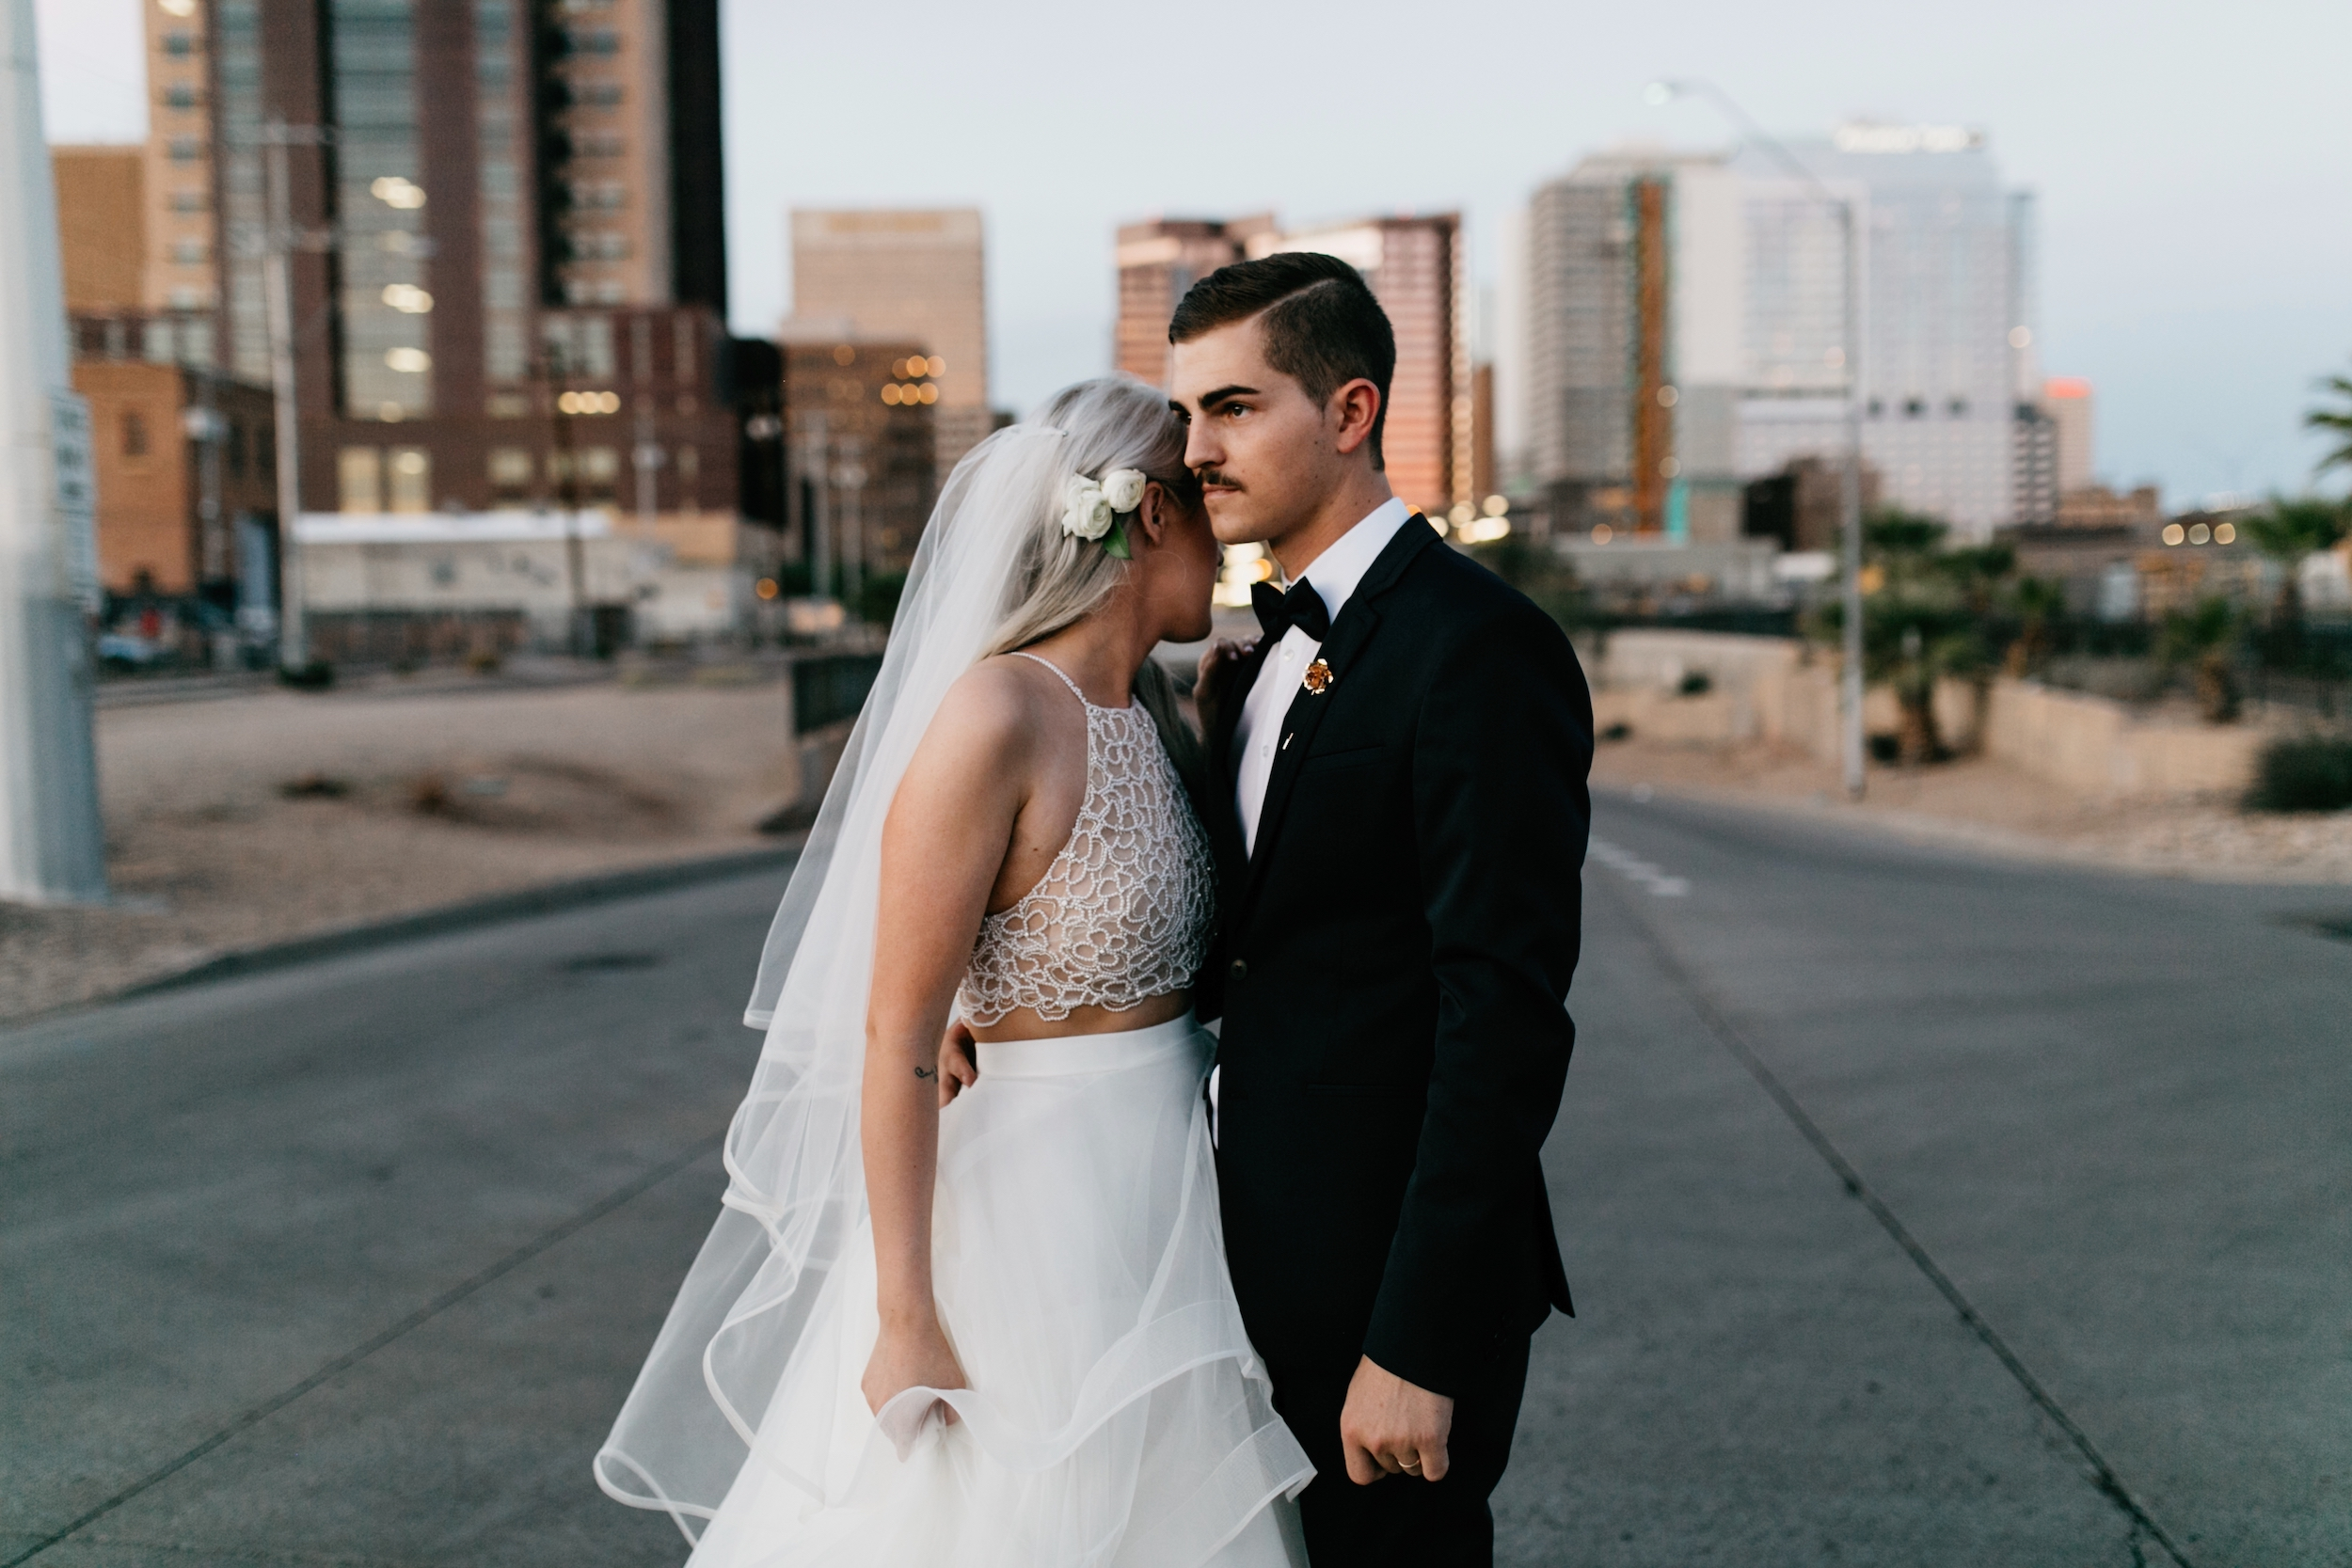 arizona - wedding - photography 01691.jpg